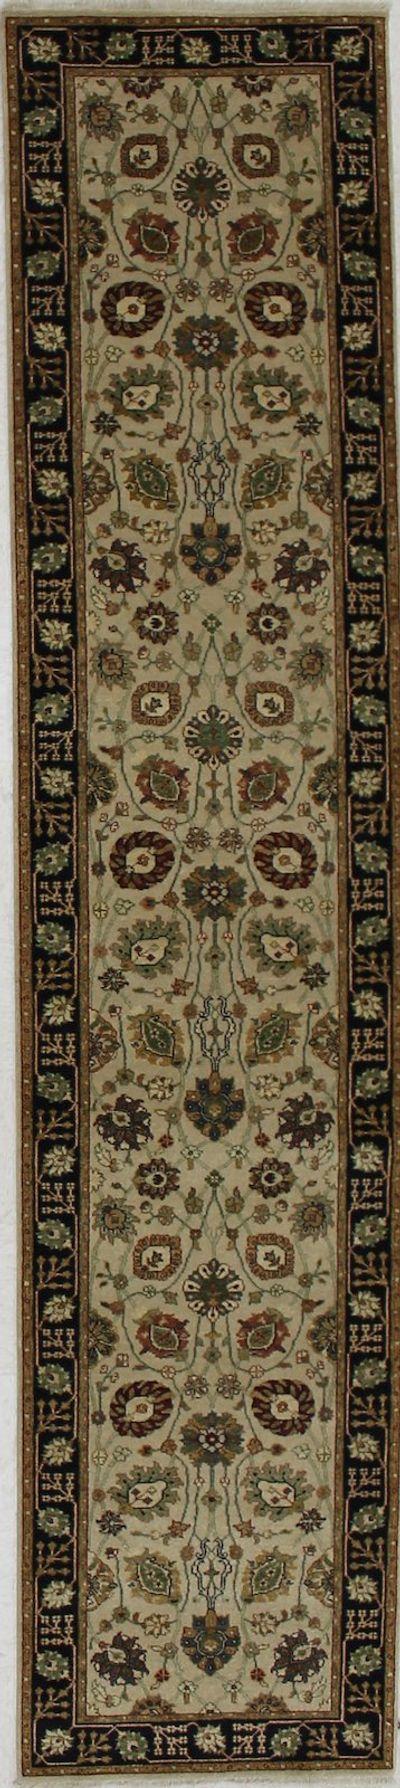 Ivory Tabriz Rug #2353 • 2′7″ x 11′10″ • 100% Wool